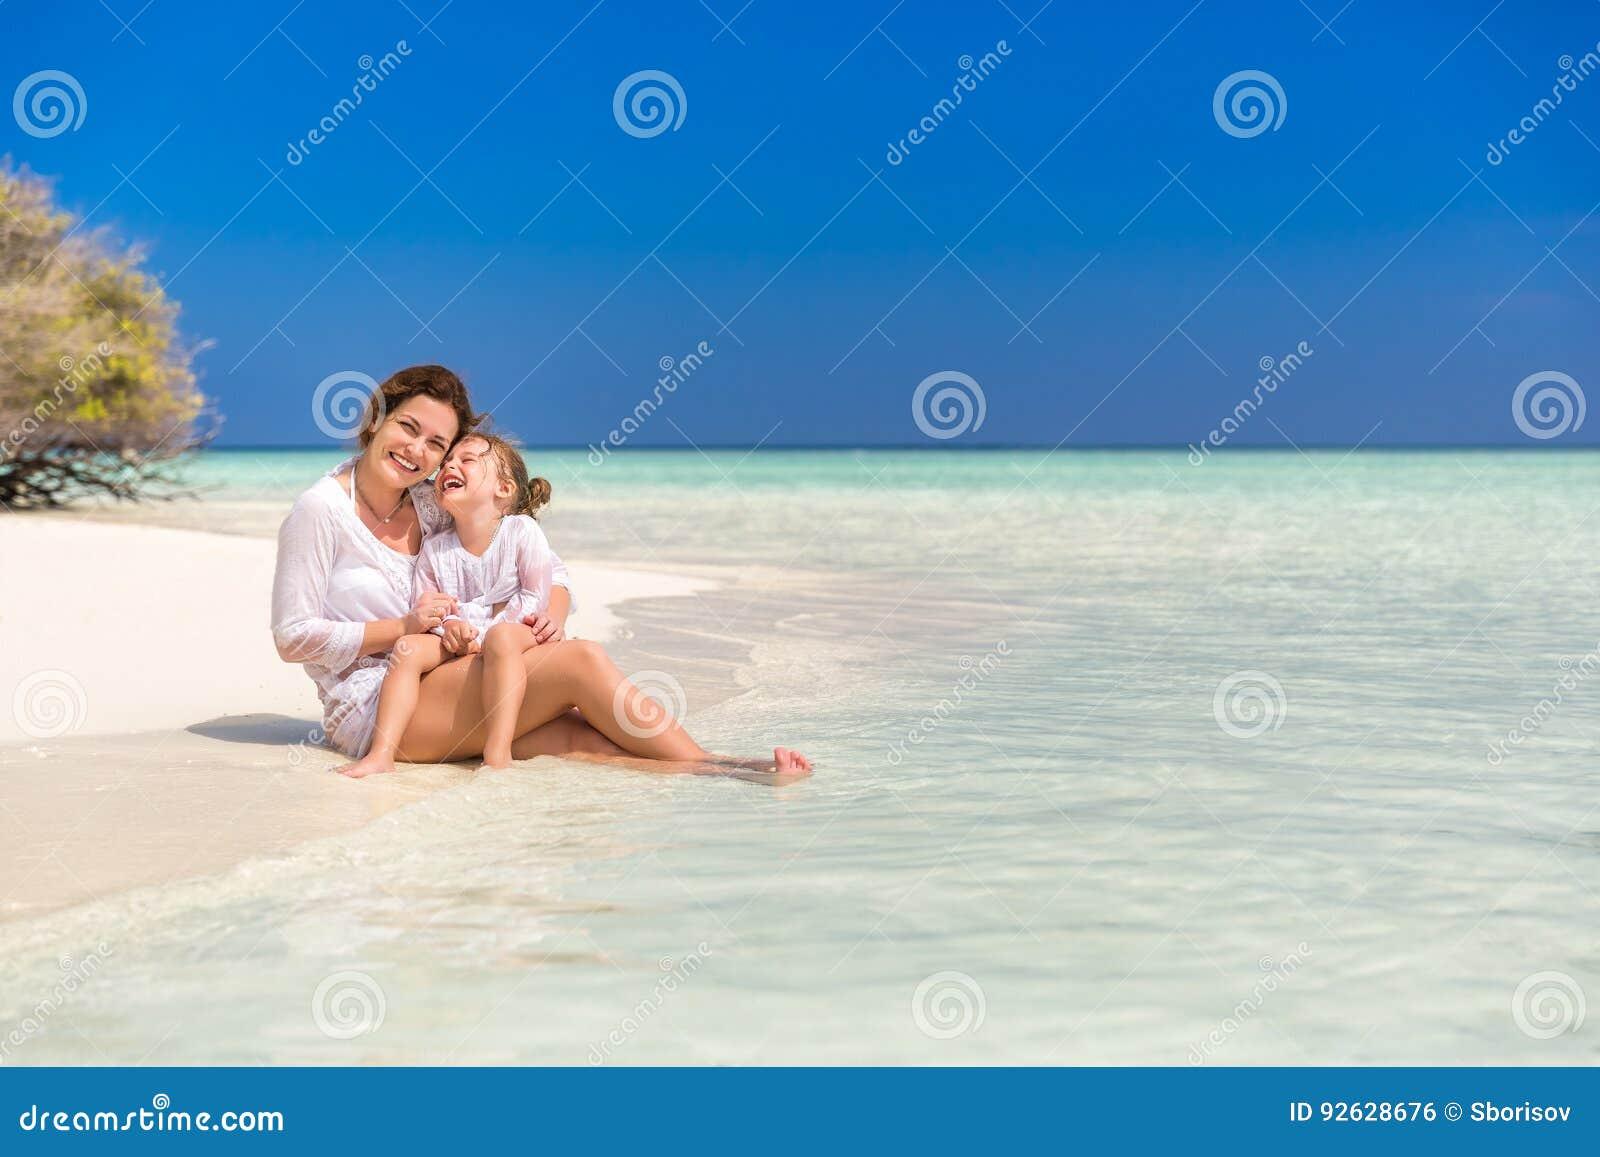 Mutter und kleine Tochter auf dem Strand